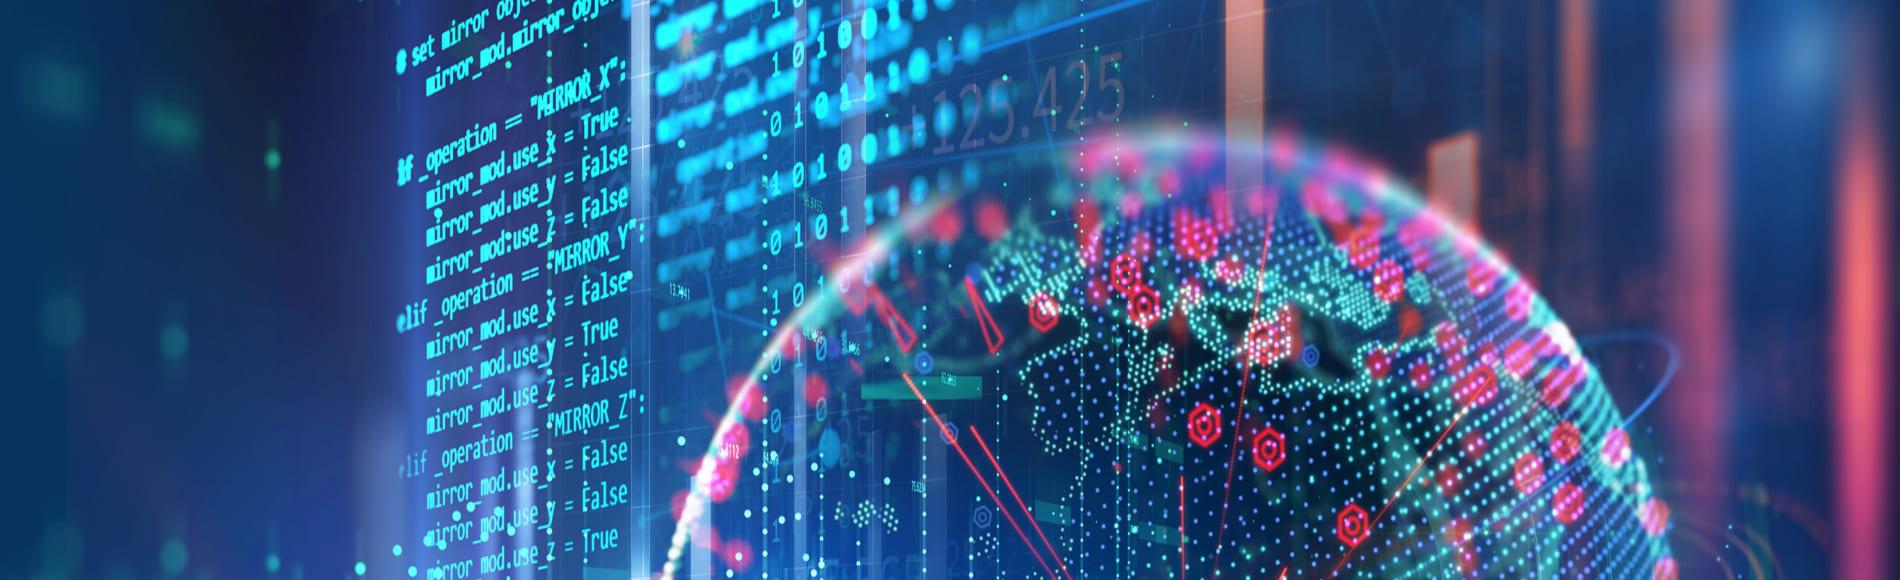 Cyber risk portal access